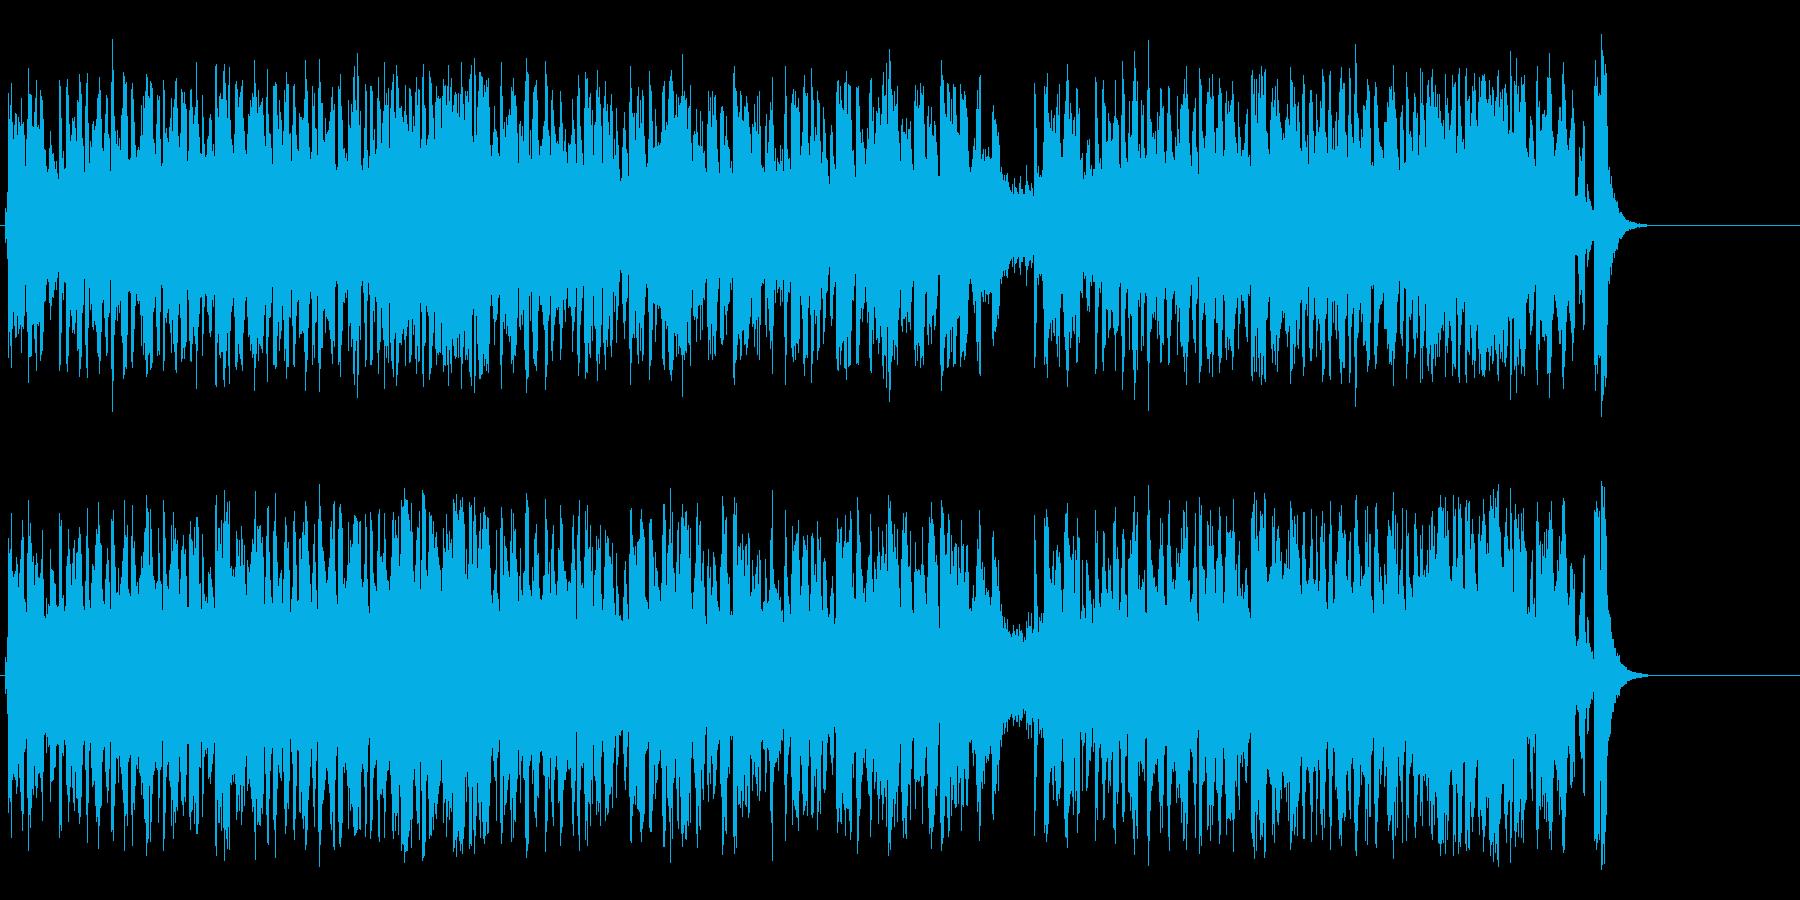 陽気なビッグ・バンド・ジャズ/テーマの再生済みの波形